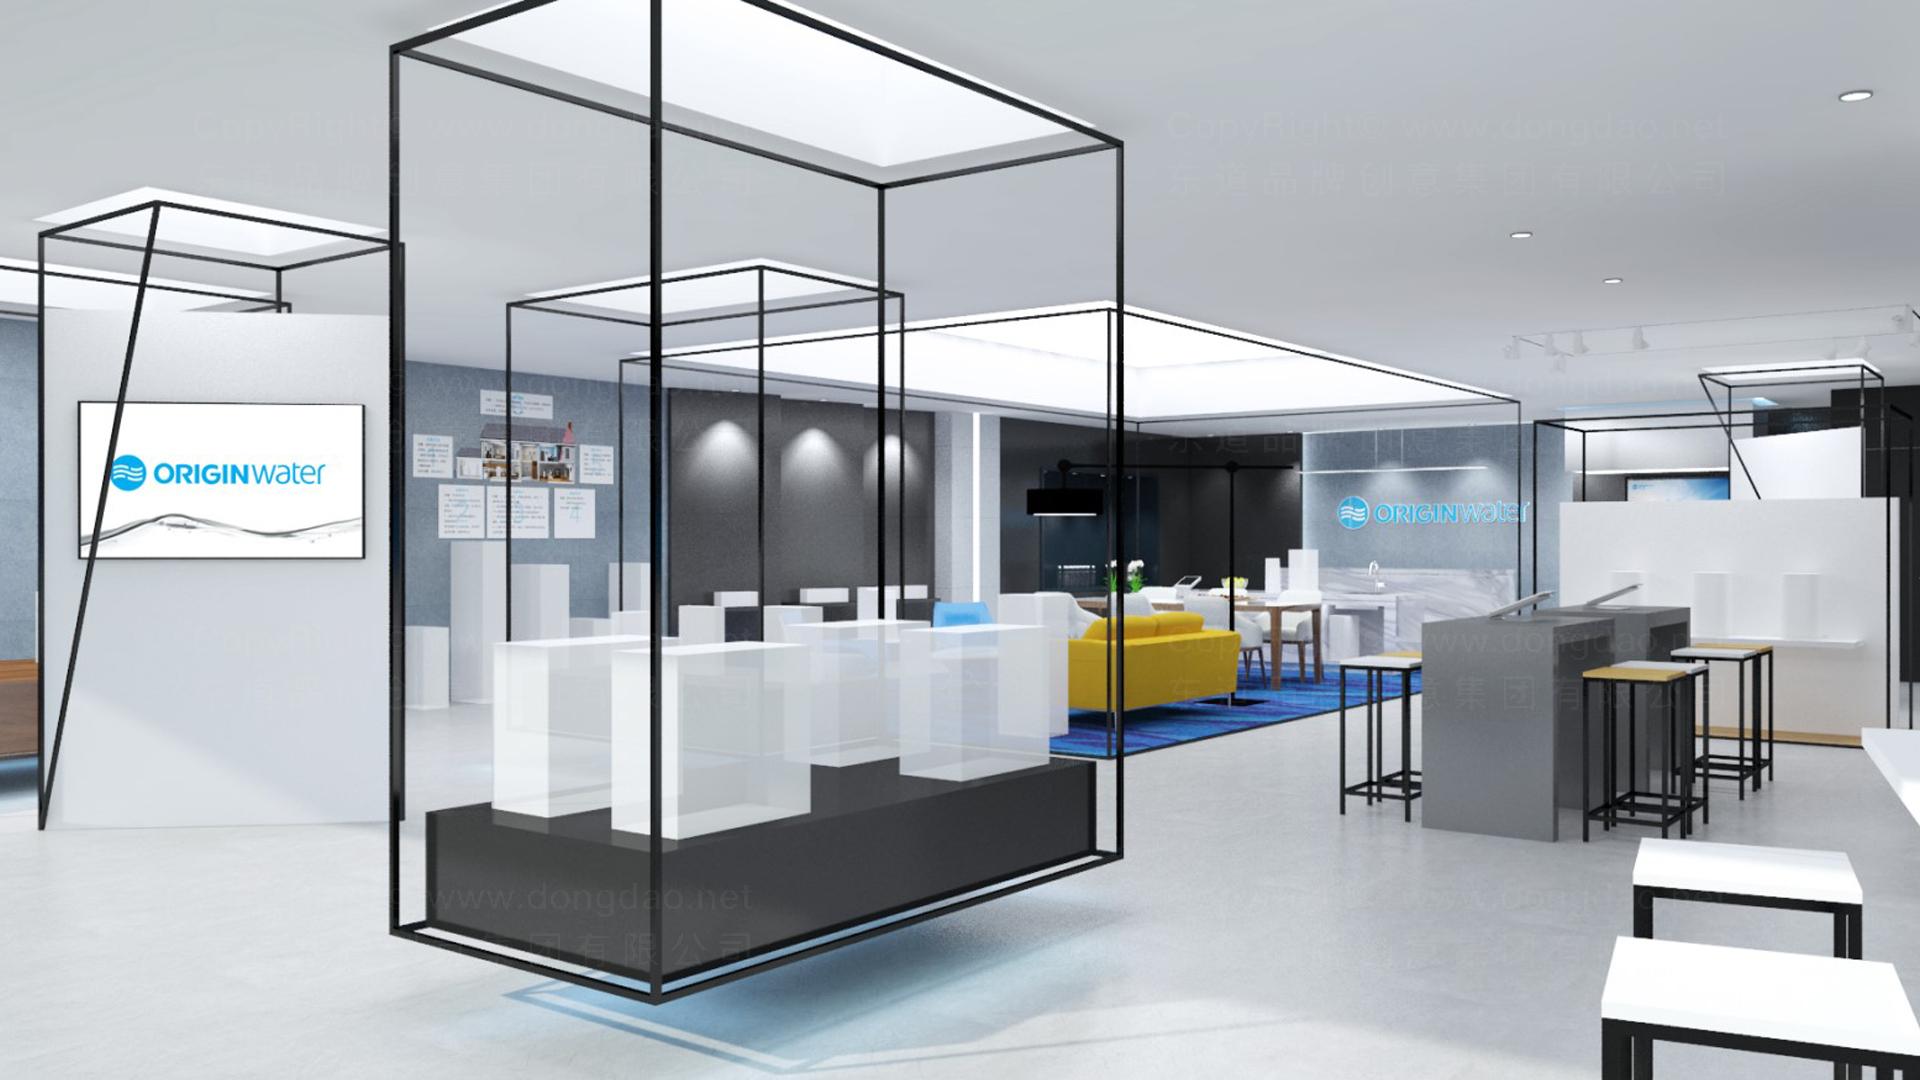 商业空间&导示碧水源SI设计应用场景